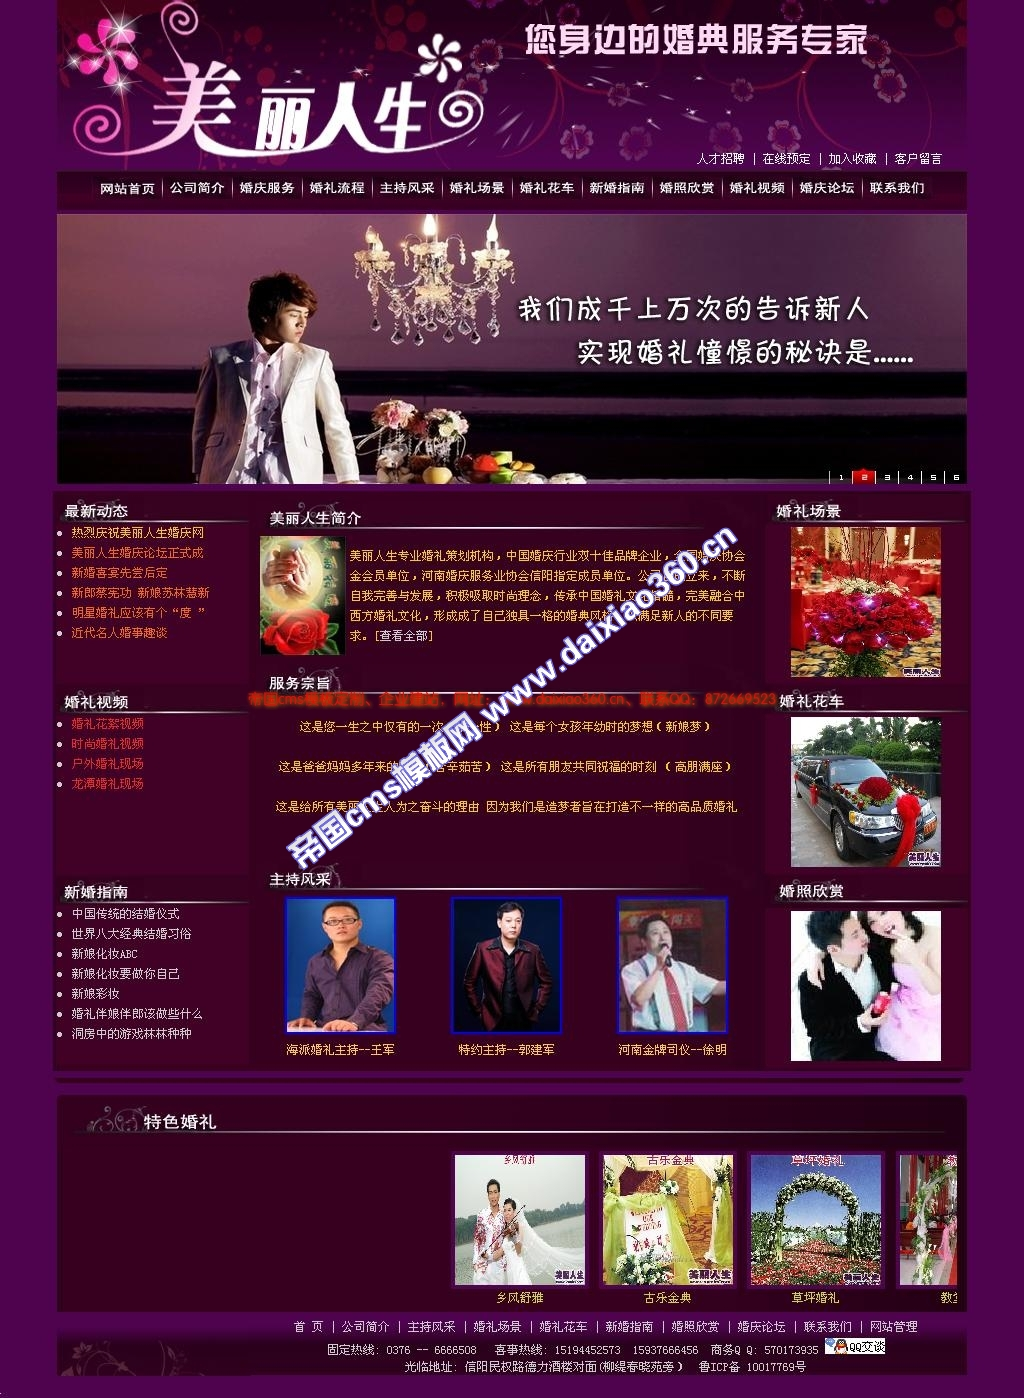 帝国cms婚纱摄影网站模板